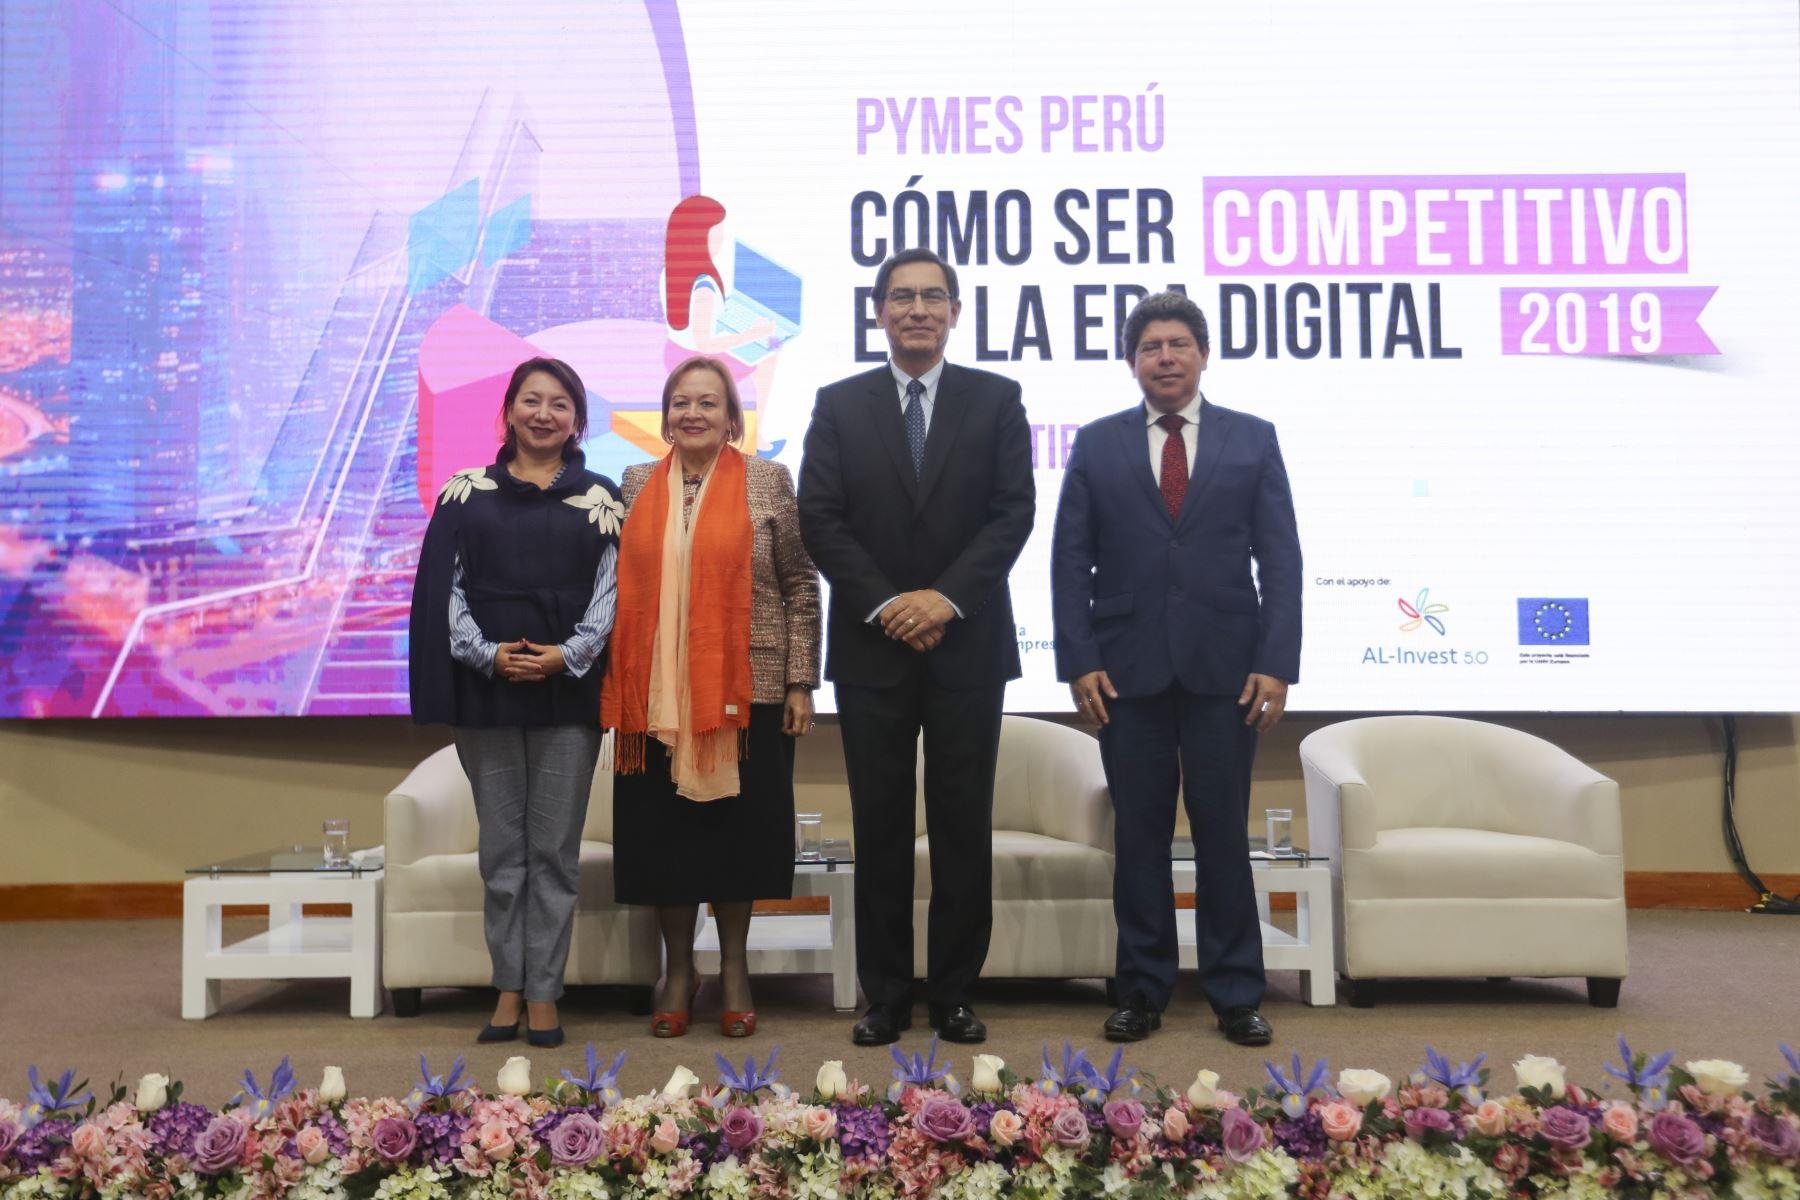 Presidente Vizcarra inaugura la edición XV ExpoPyme, iniciativa que tiene como objetivo contribuir a la capacitación de la micro, pequeña y mediana empresa. Foto: ANDINA/Prensa Presidencia